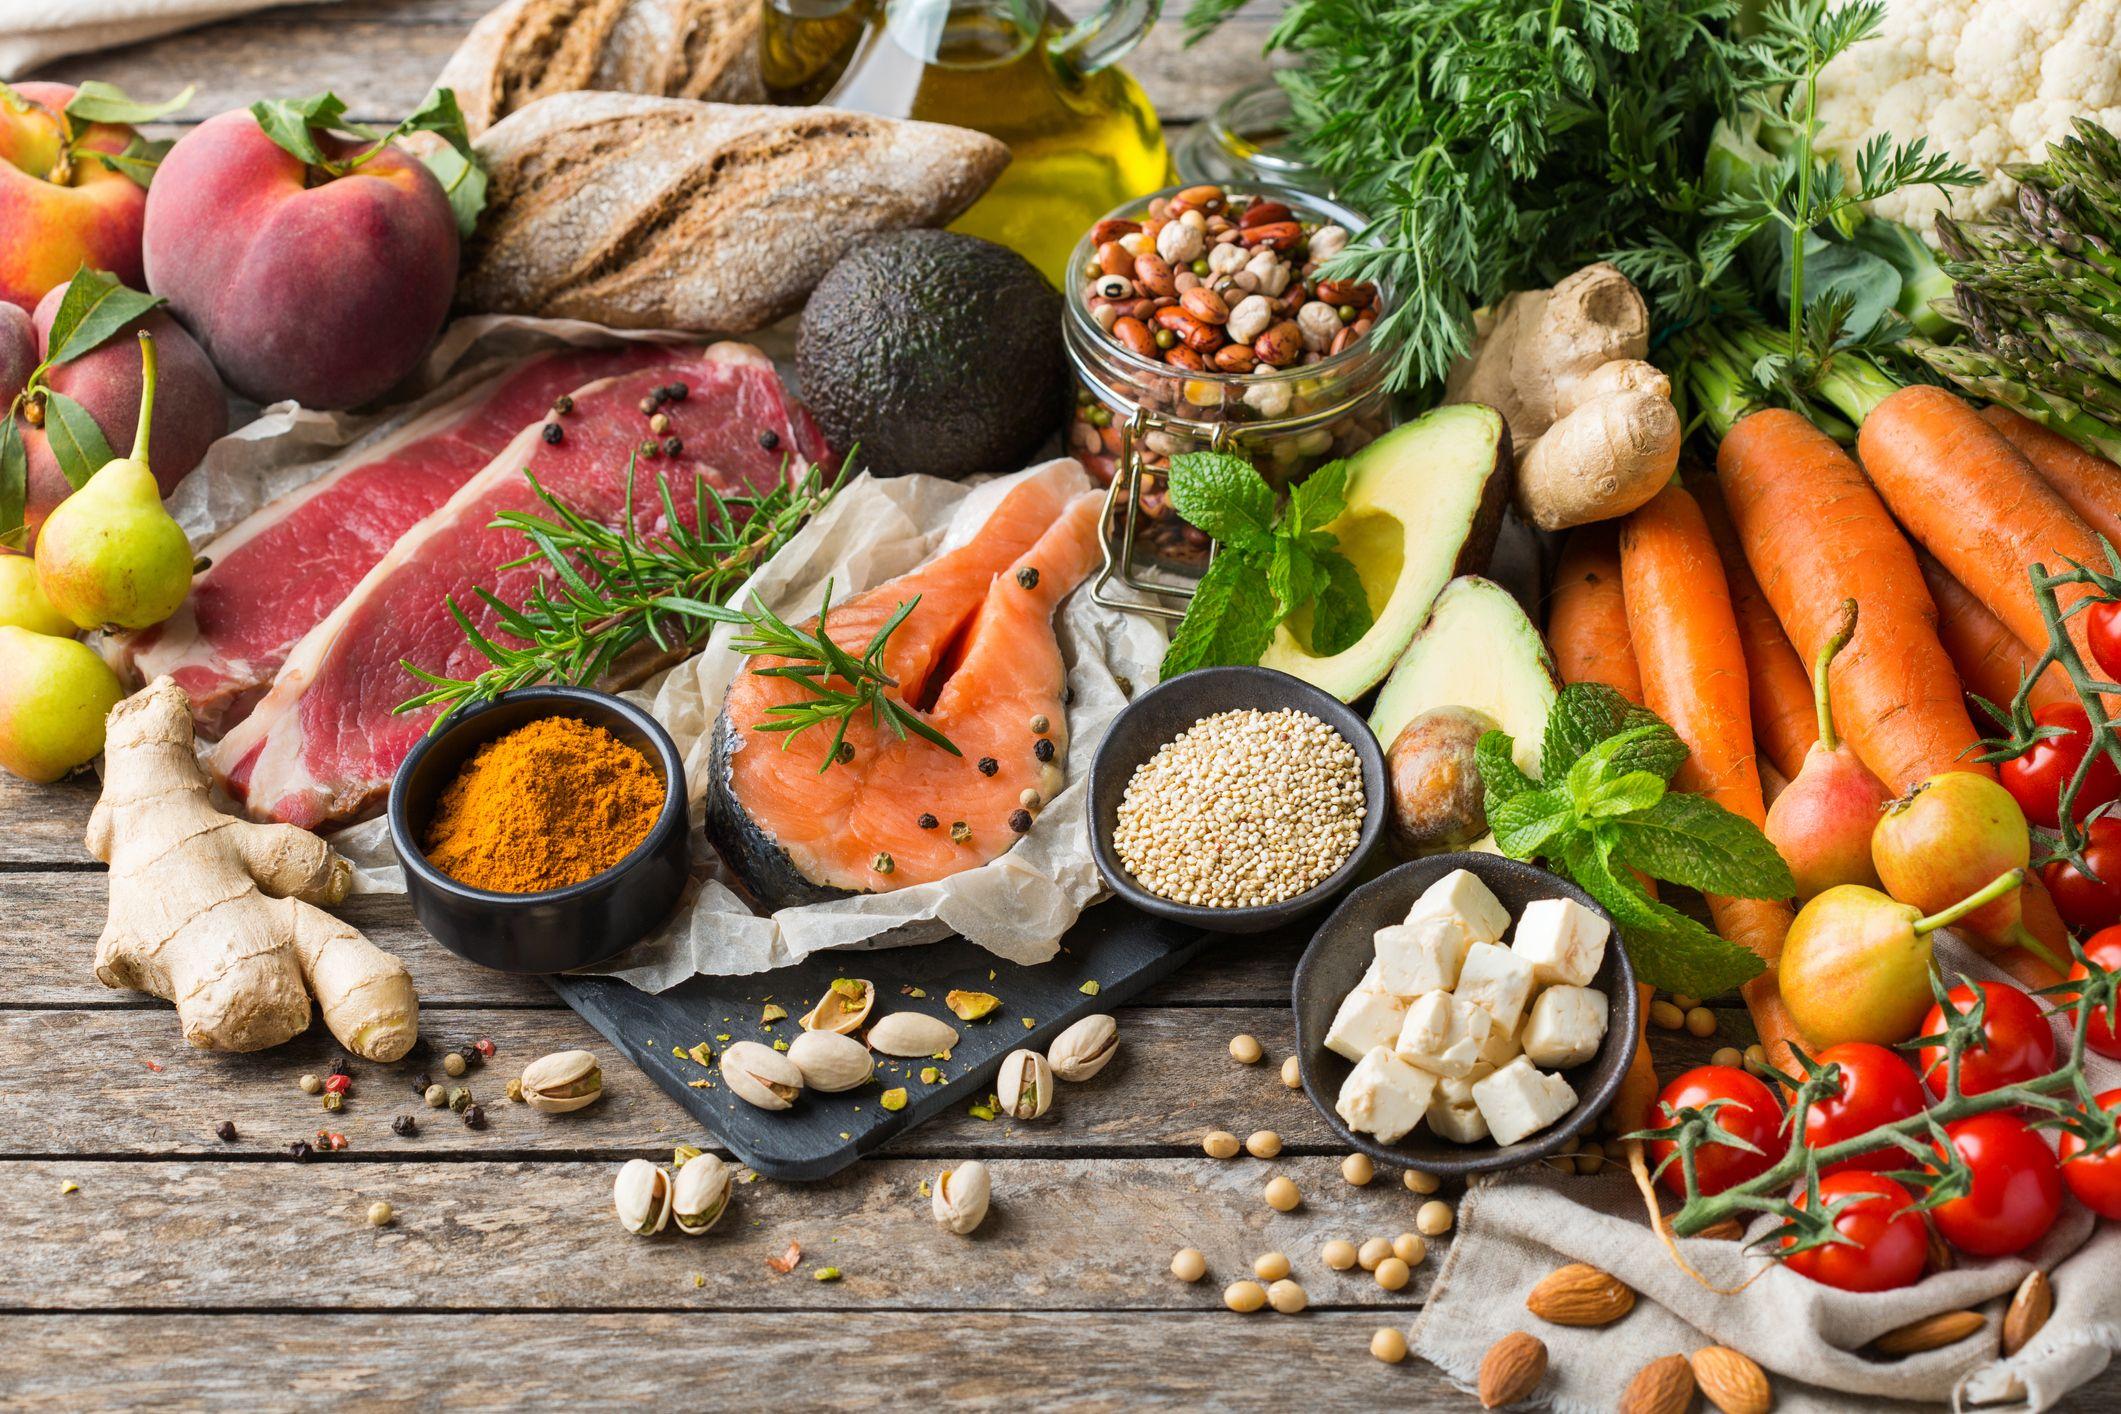 Ăn kiêng linh hoạt: Đây là những thực phẩm nên ăn và nên tránh bạn cần nắm rõ - Ảnh 1.